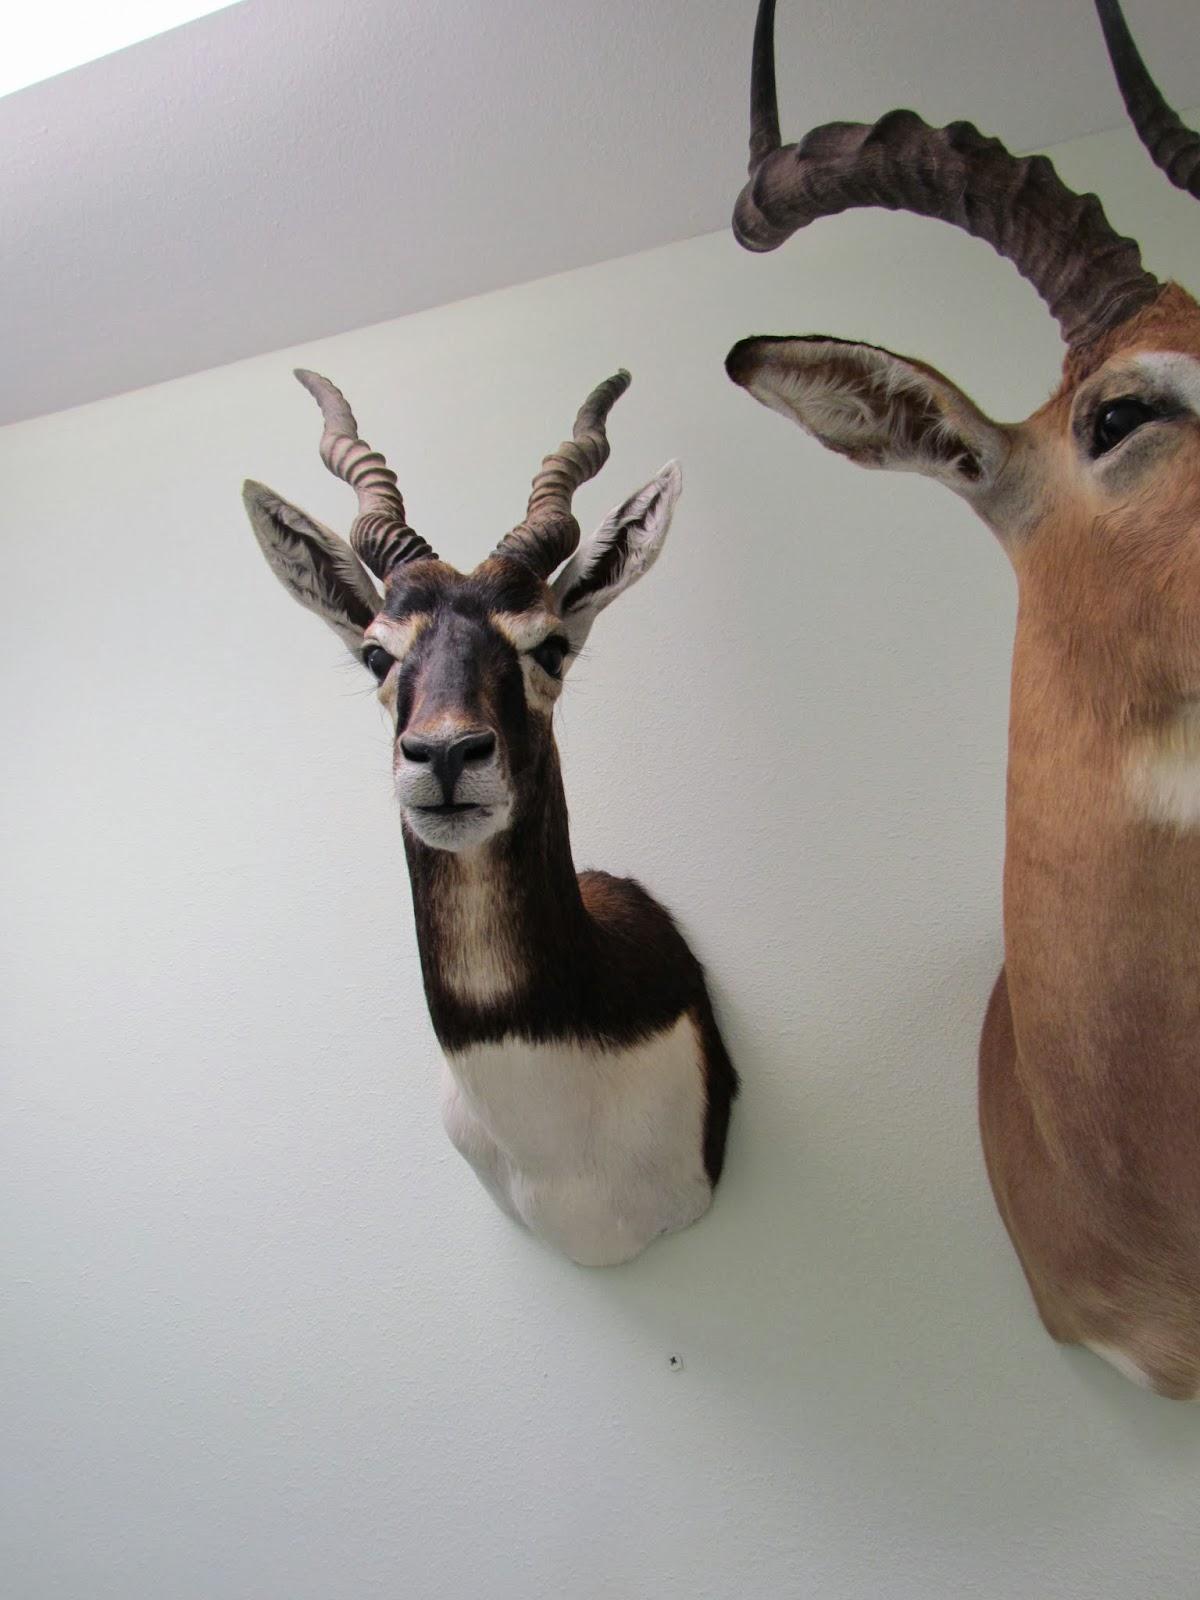 Blackbuck antelope mount - photo#8